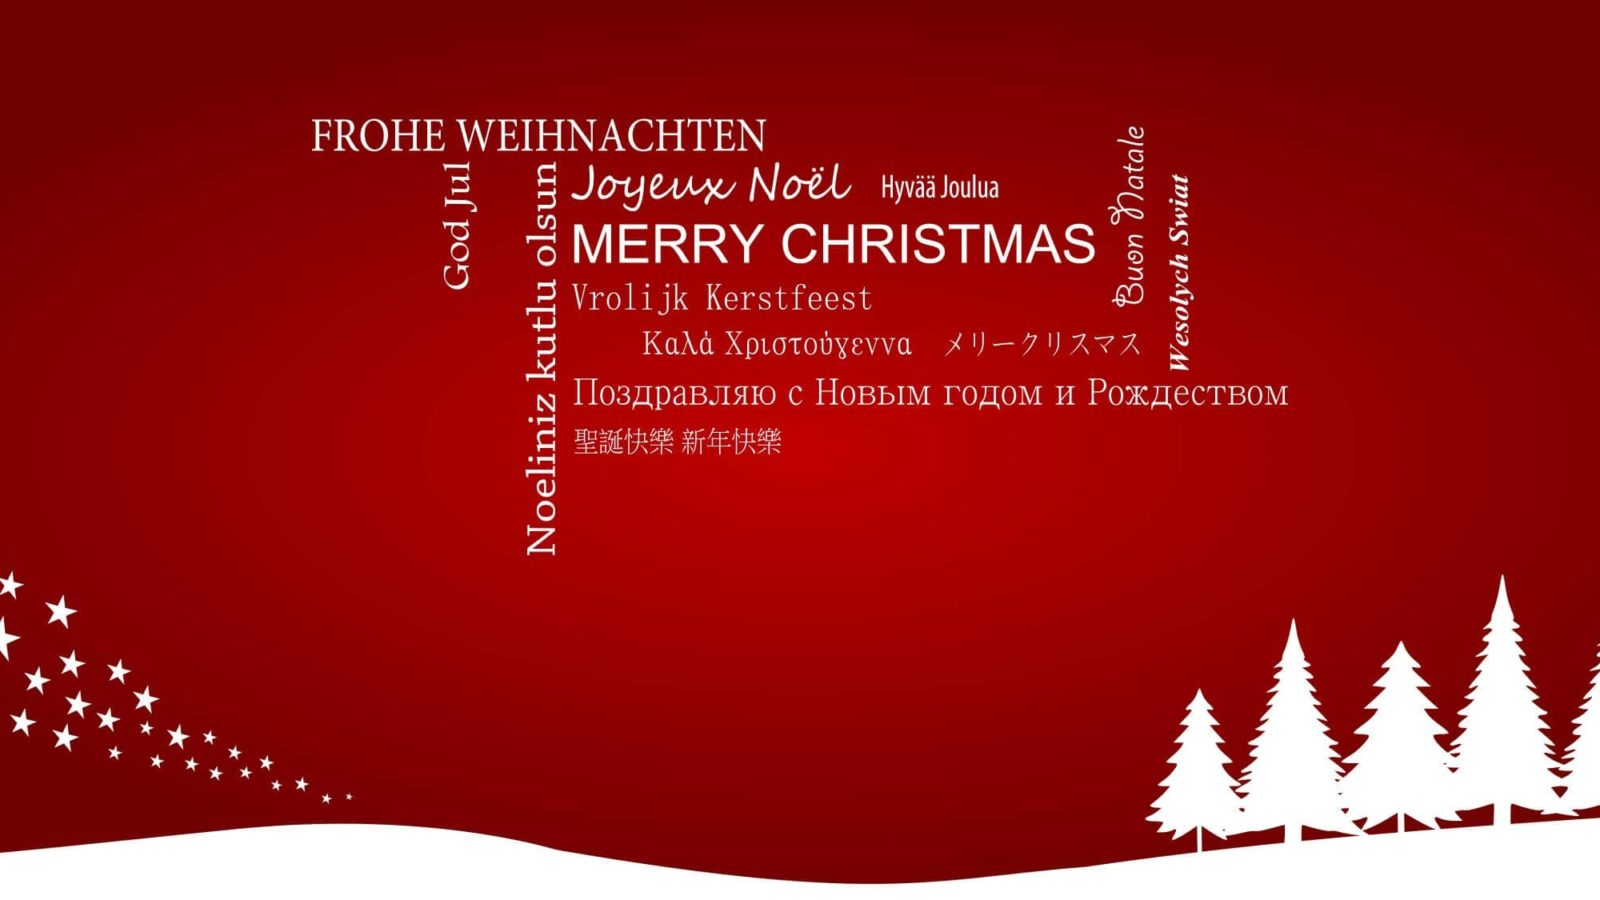 weihnachten_laender_titel